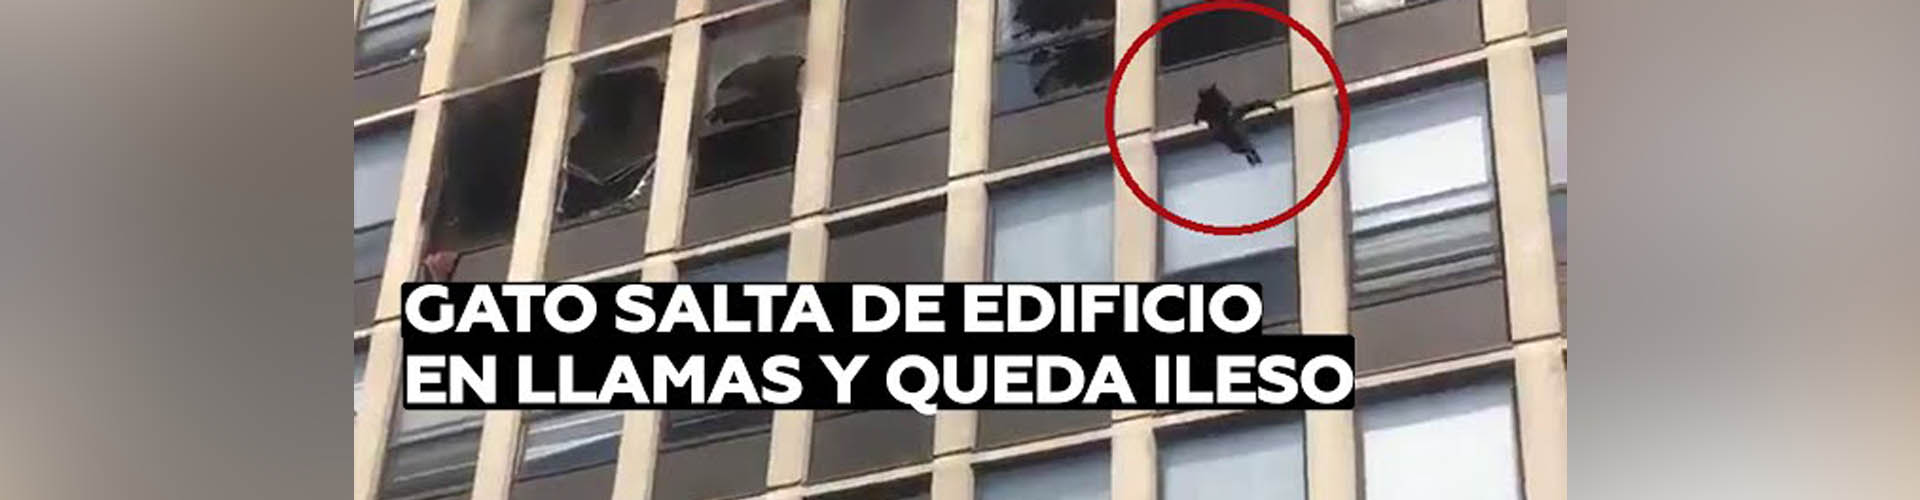 (VIDEO) Un gato salta desde la quinta planta de un edificio en llamas y sobrevive